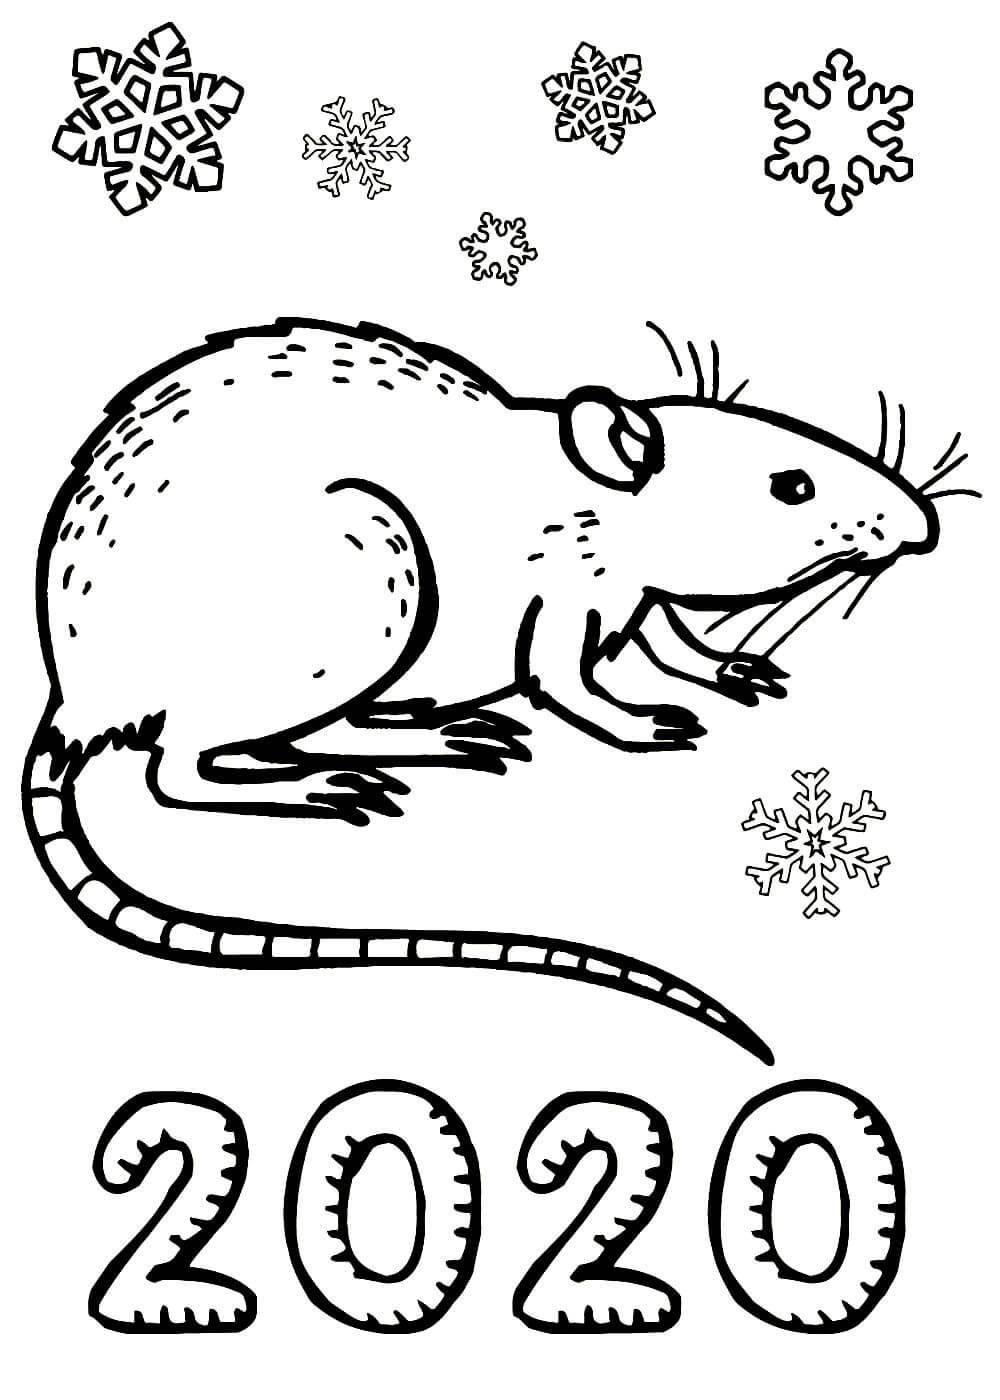 красивые новогодние картинки раскраски 2020 журнал финансы и кредит официальный сайт